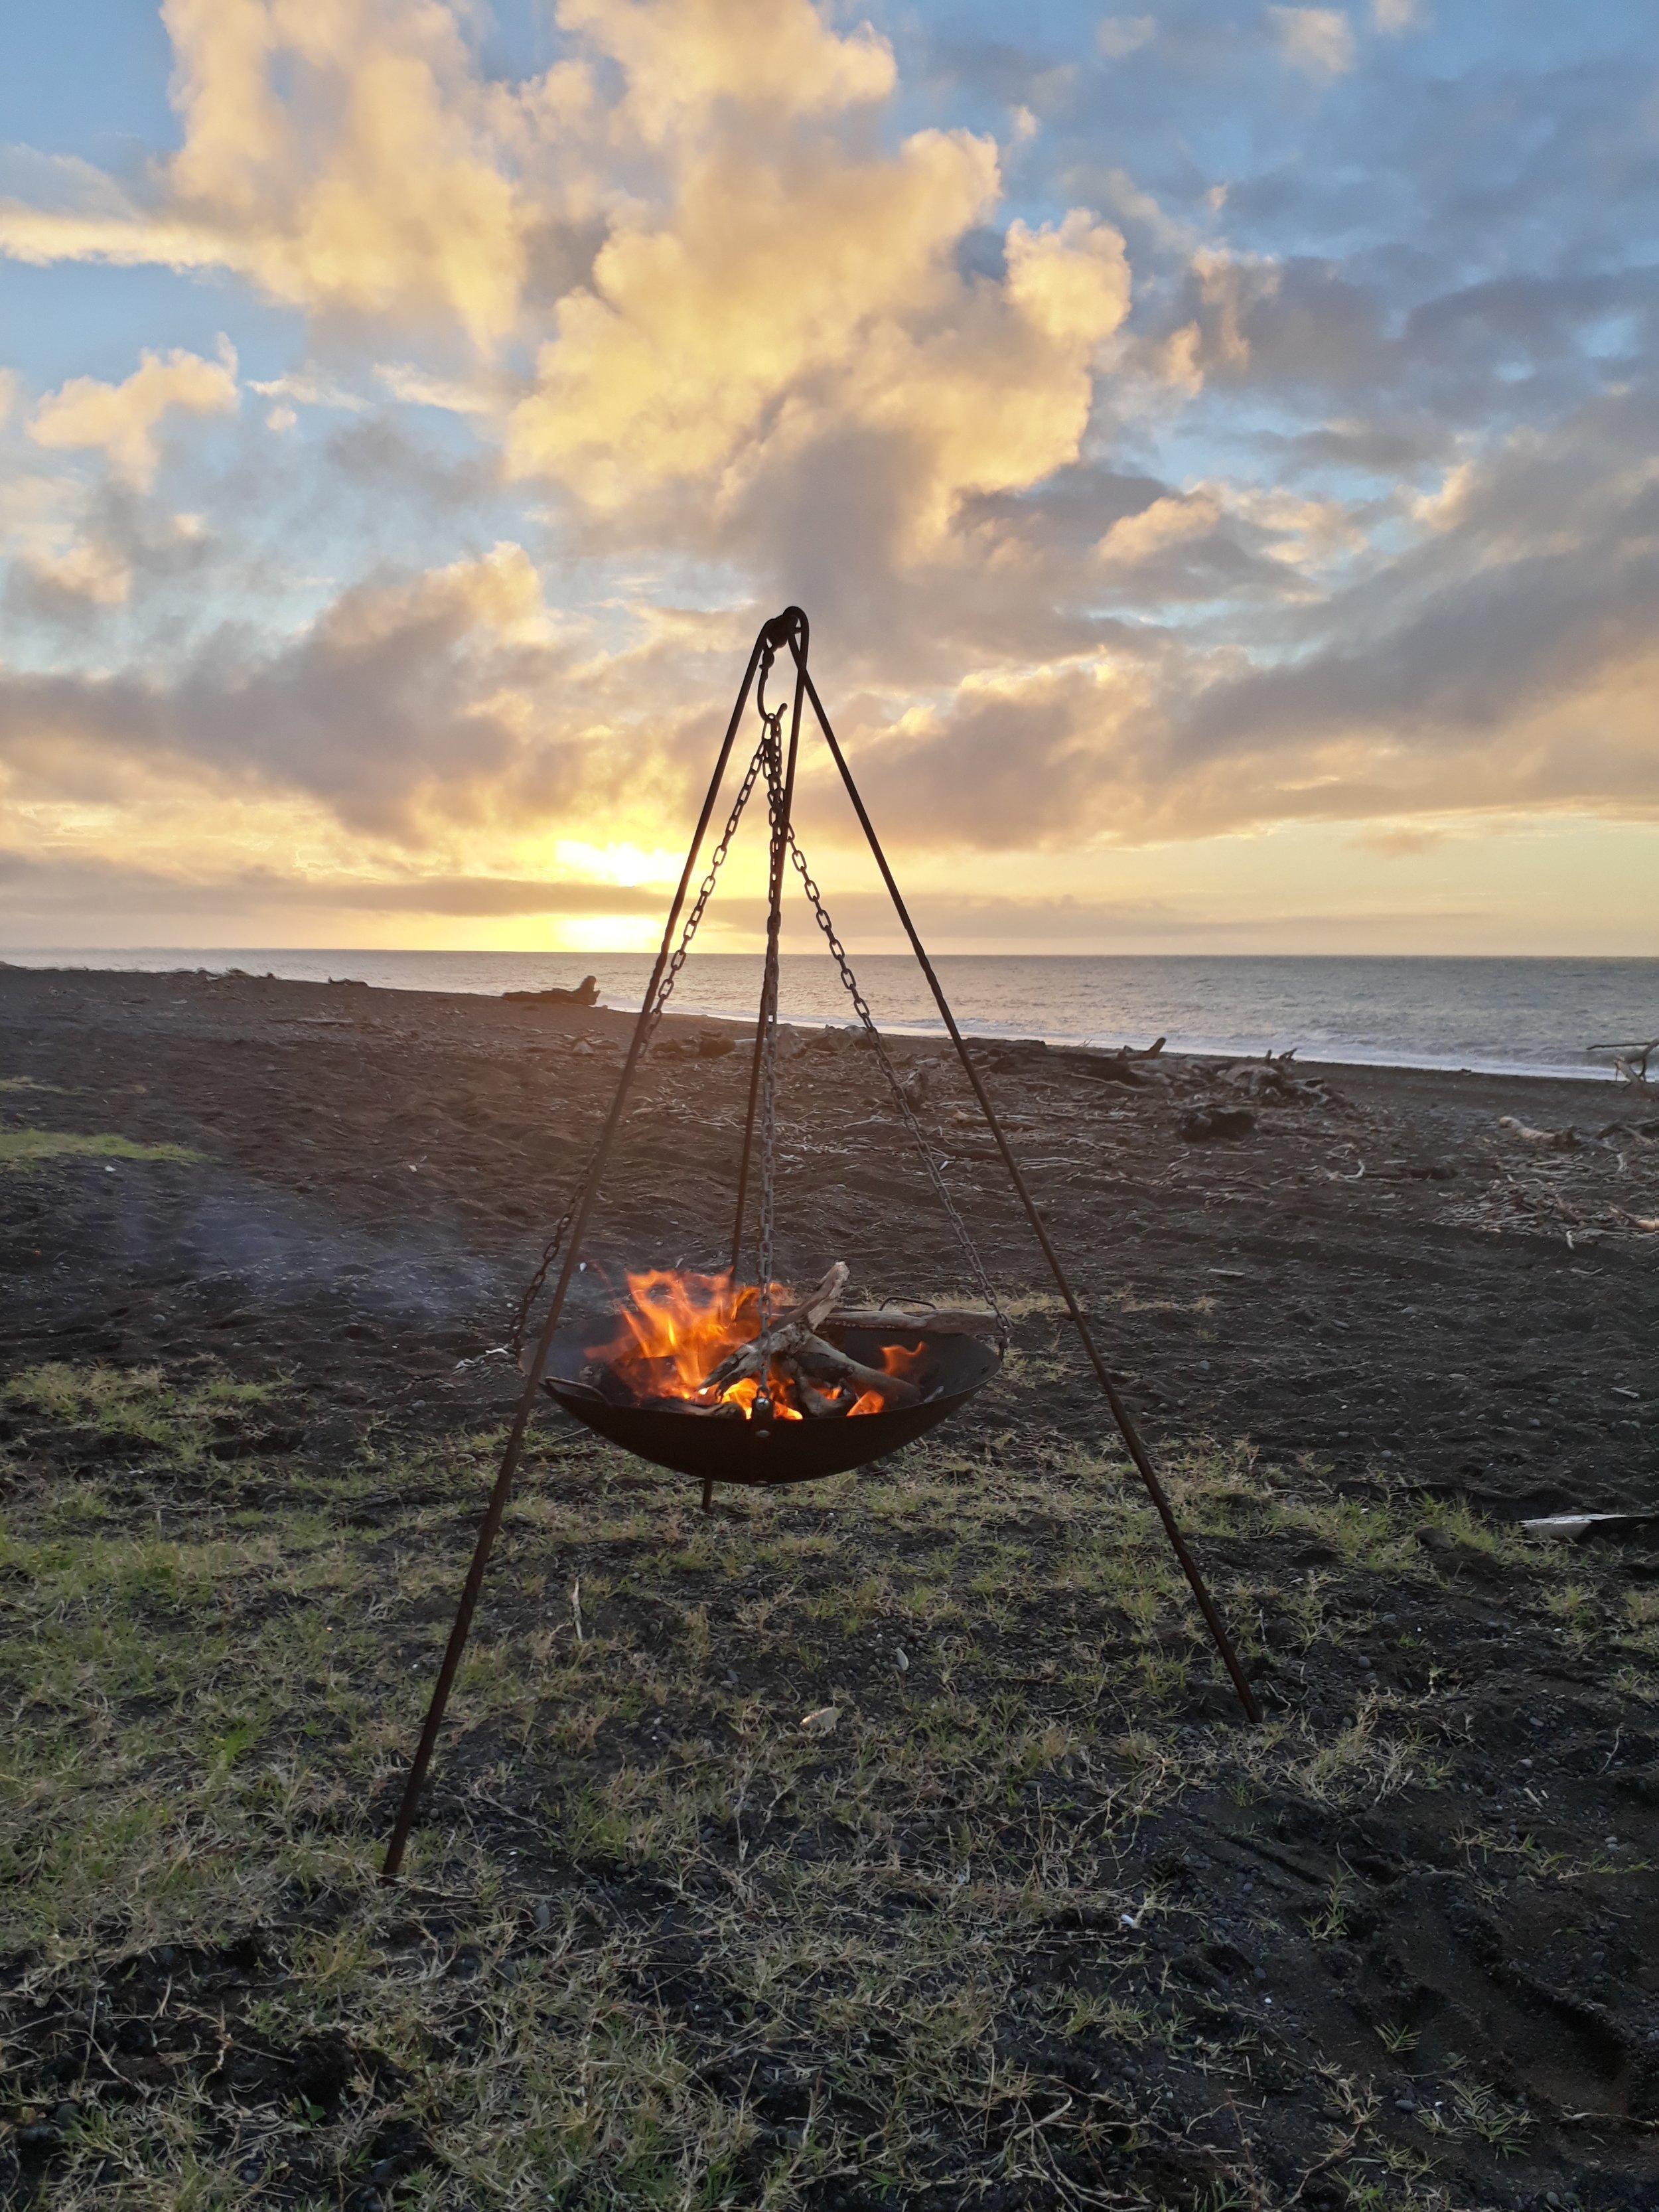 fire on beach gypsy iron.jpg